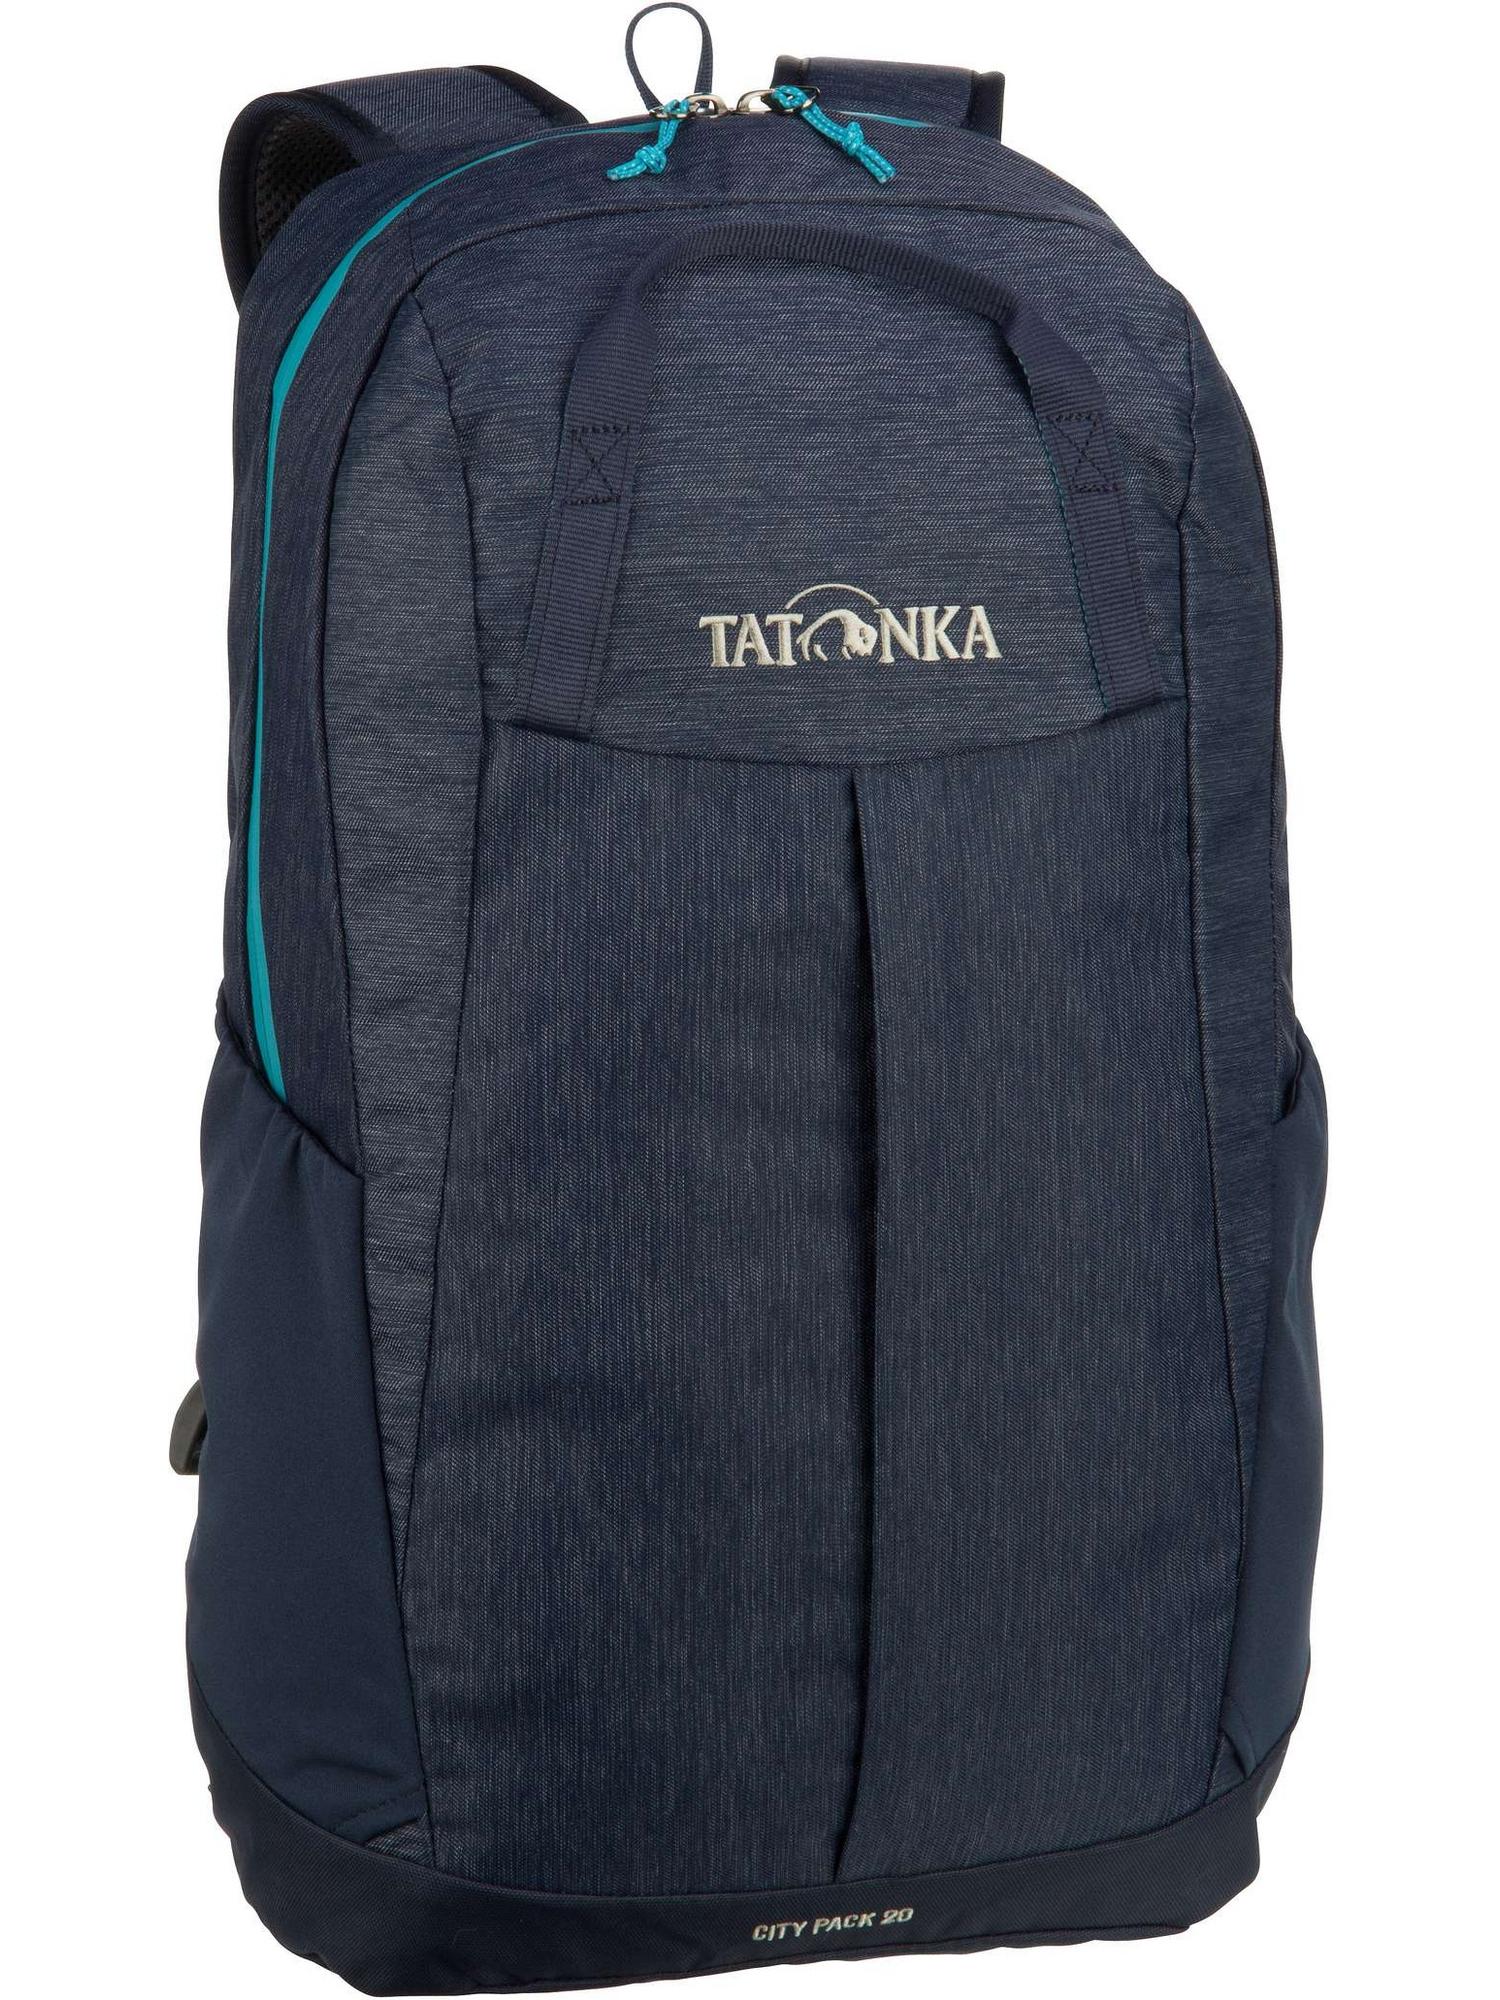 Tatonka City Pack 15 Rucksack navy